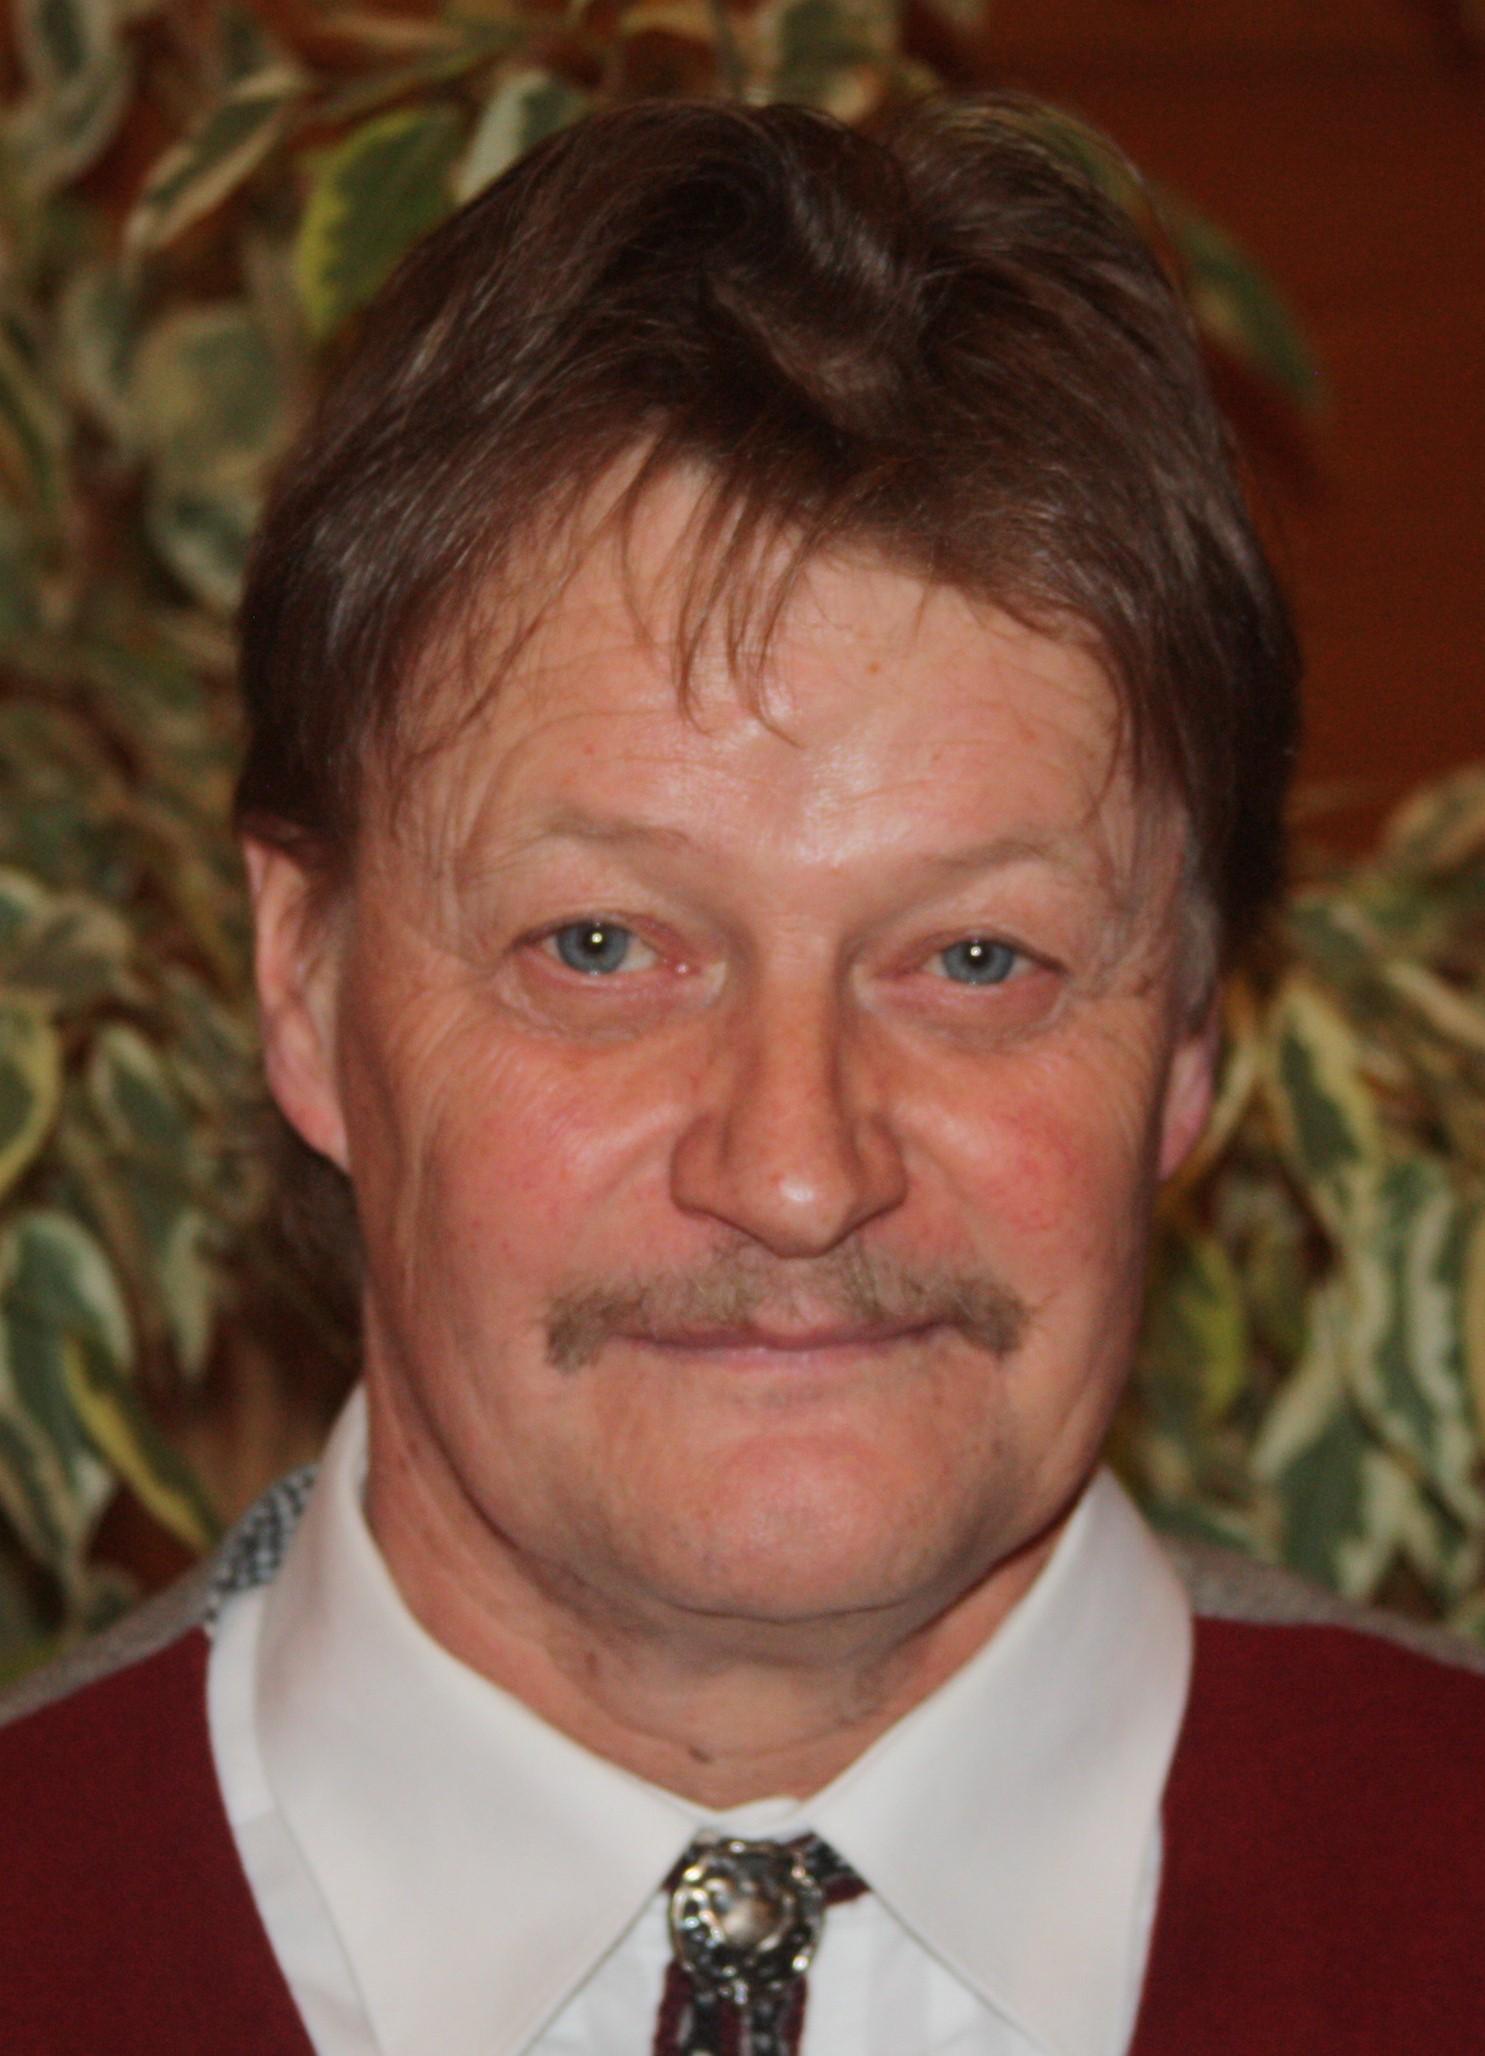 Werner Pirker